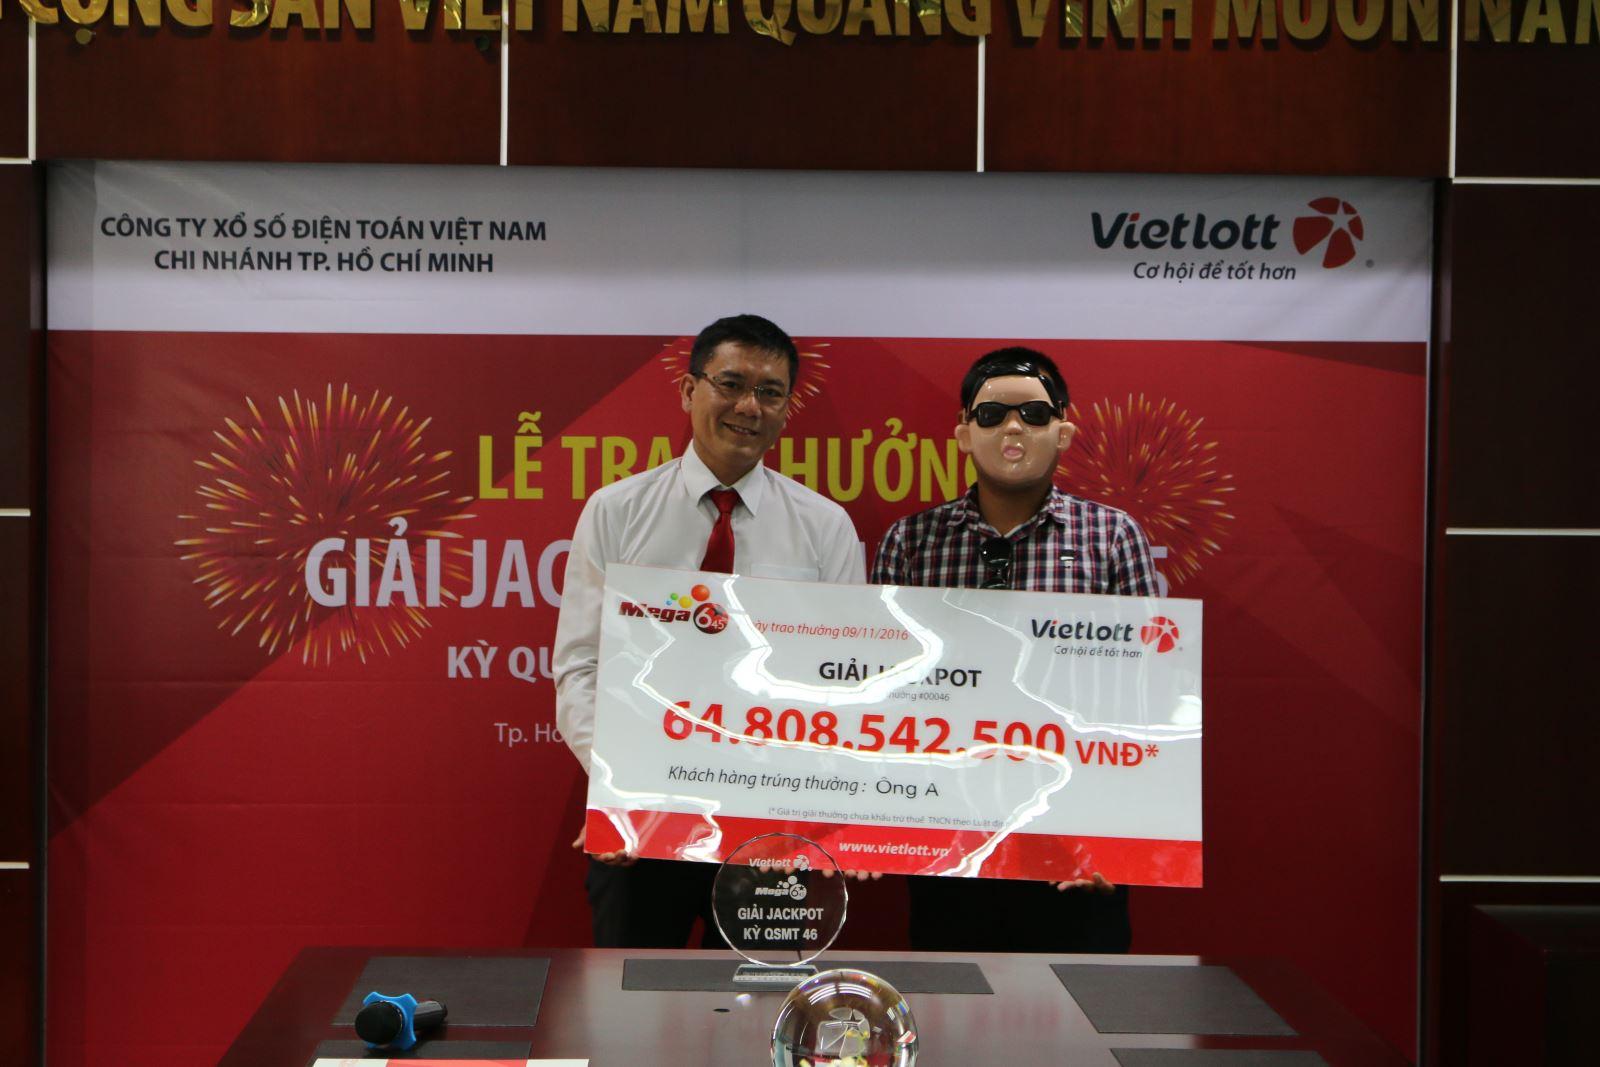 Phó Tổng Giám đốc Vietlott Nguyễn Thanh Đạm trao giải Jackpot cho người trúng thưởng.